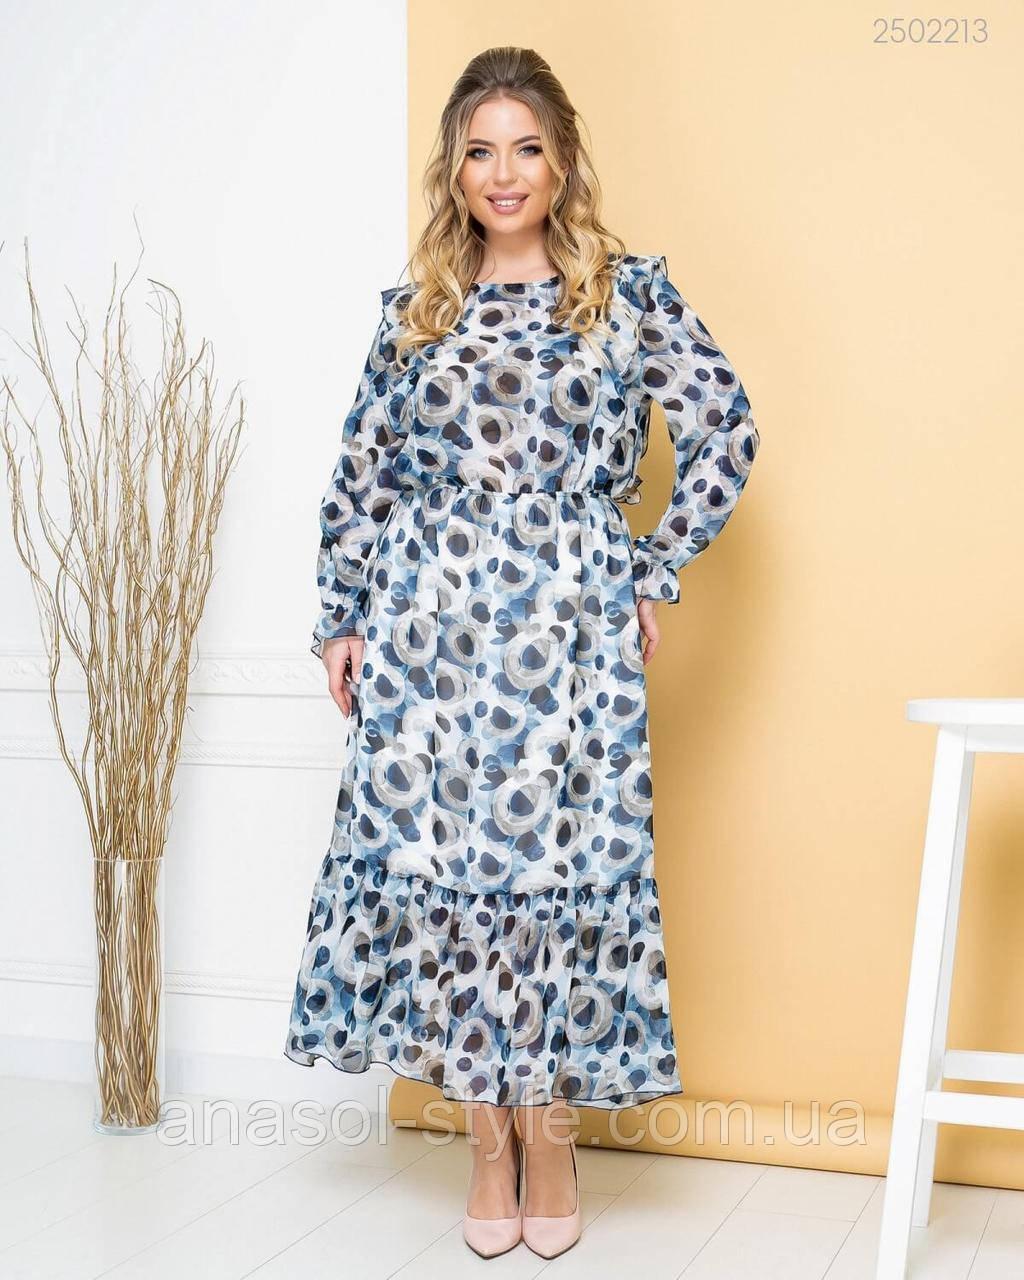 Длинное шифоновое платье Грасиоза стильный принт больших размеров синий